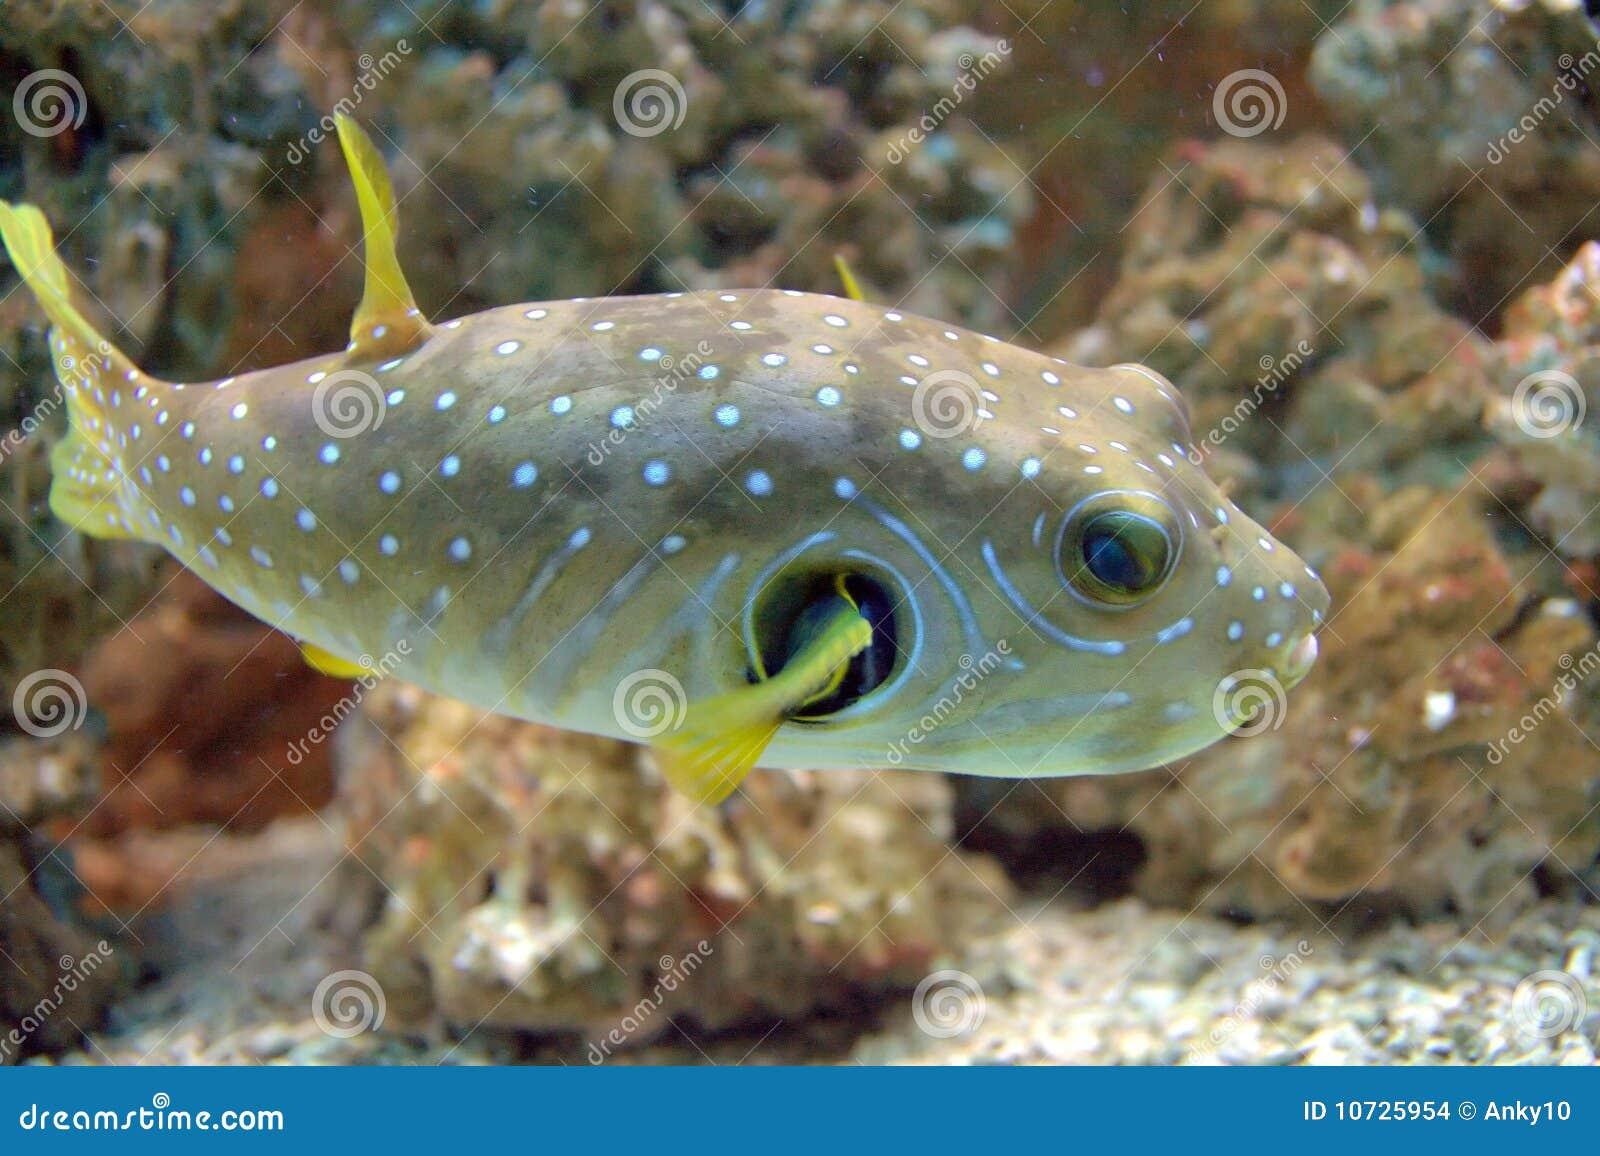 Pesci del pesce palla fotografia stock immagine di pesci for Pesce palla immagini